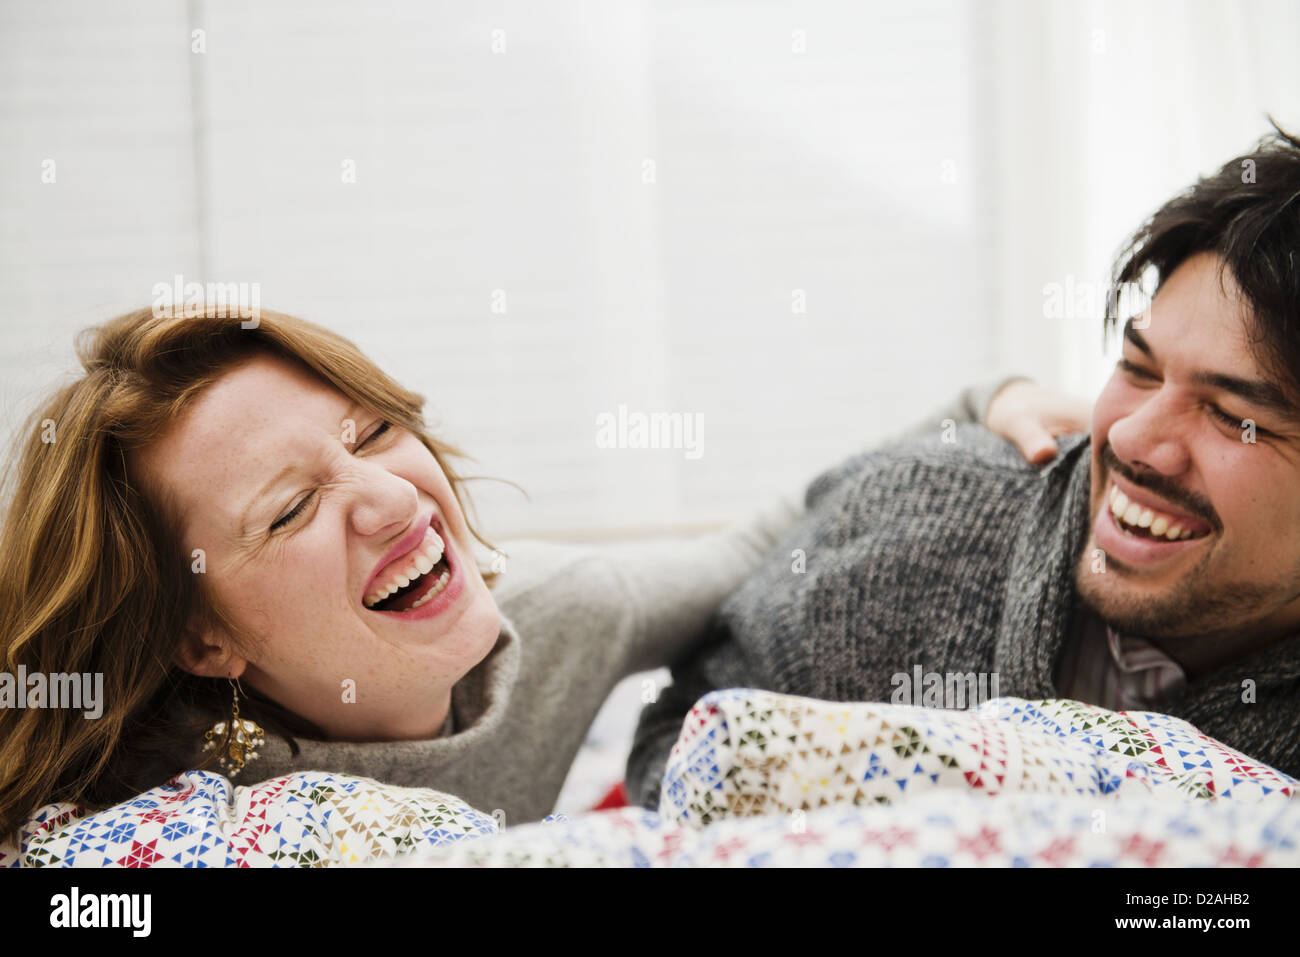 Giovane ridere insieme sul letto Immagini Stock